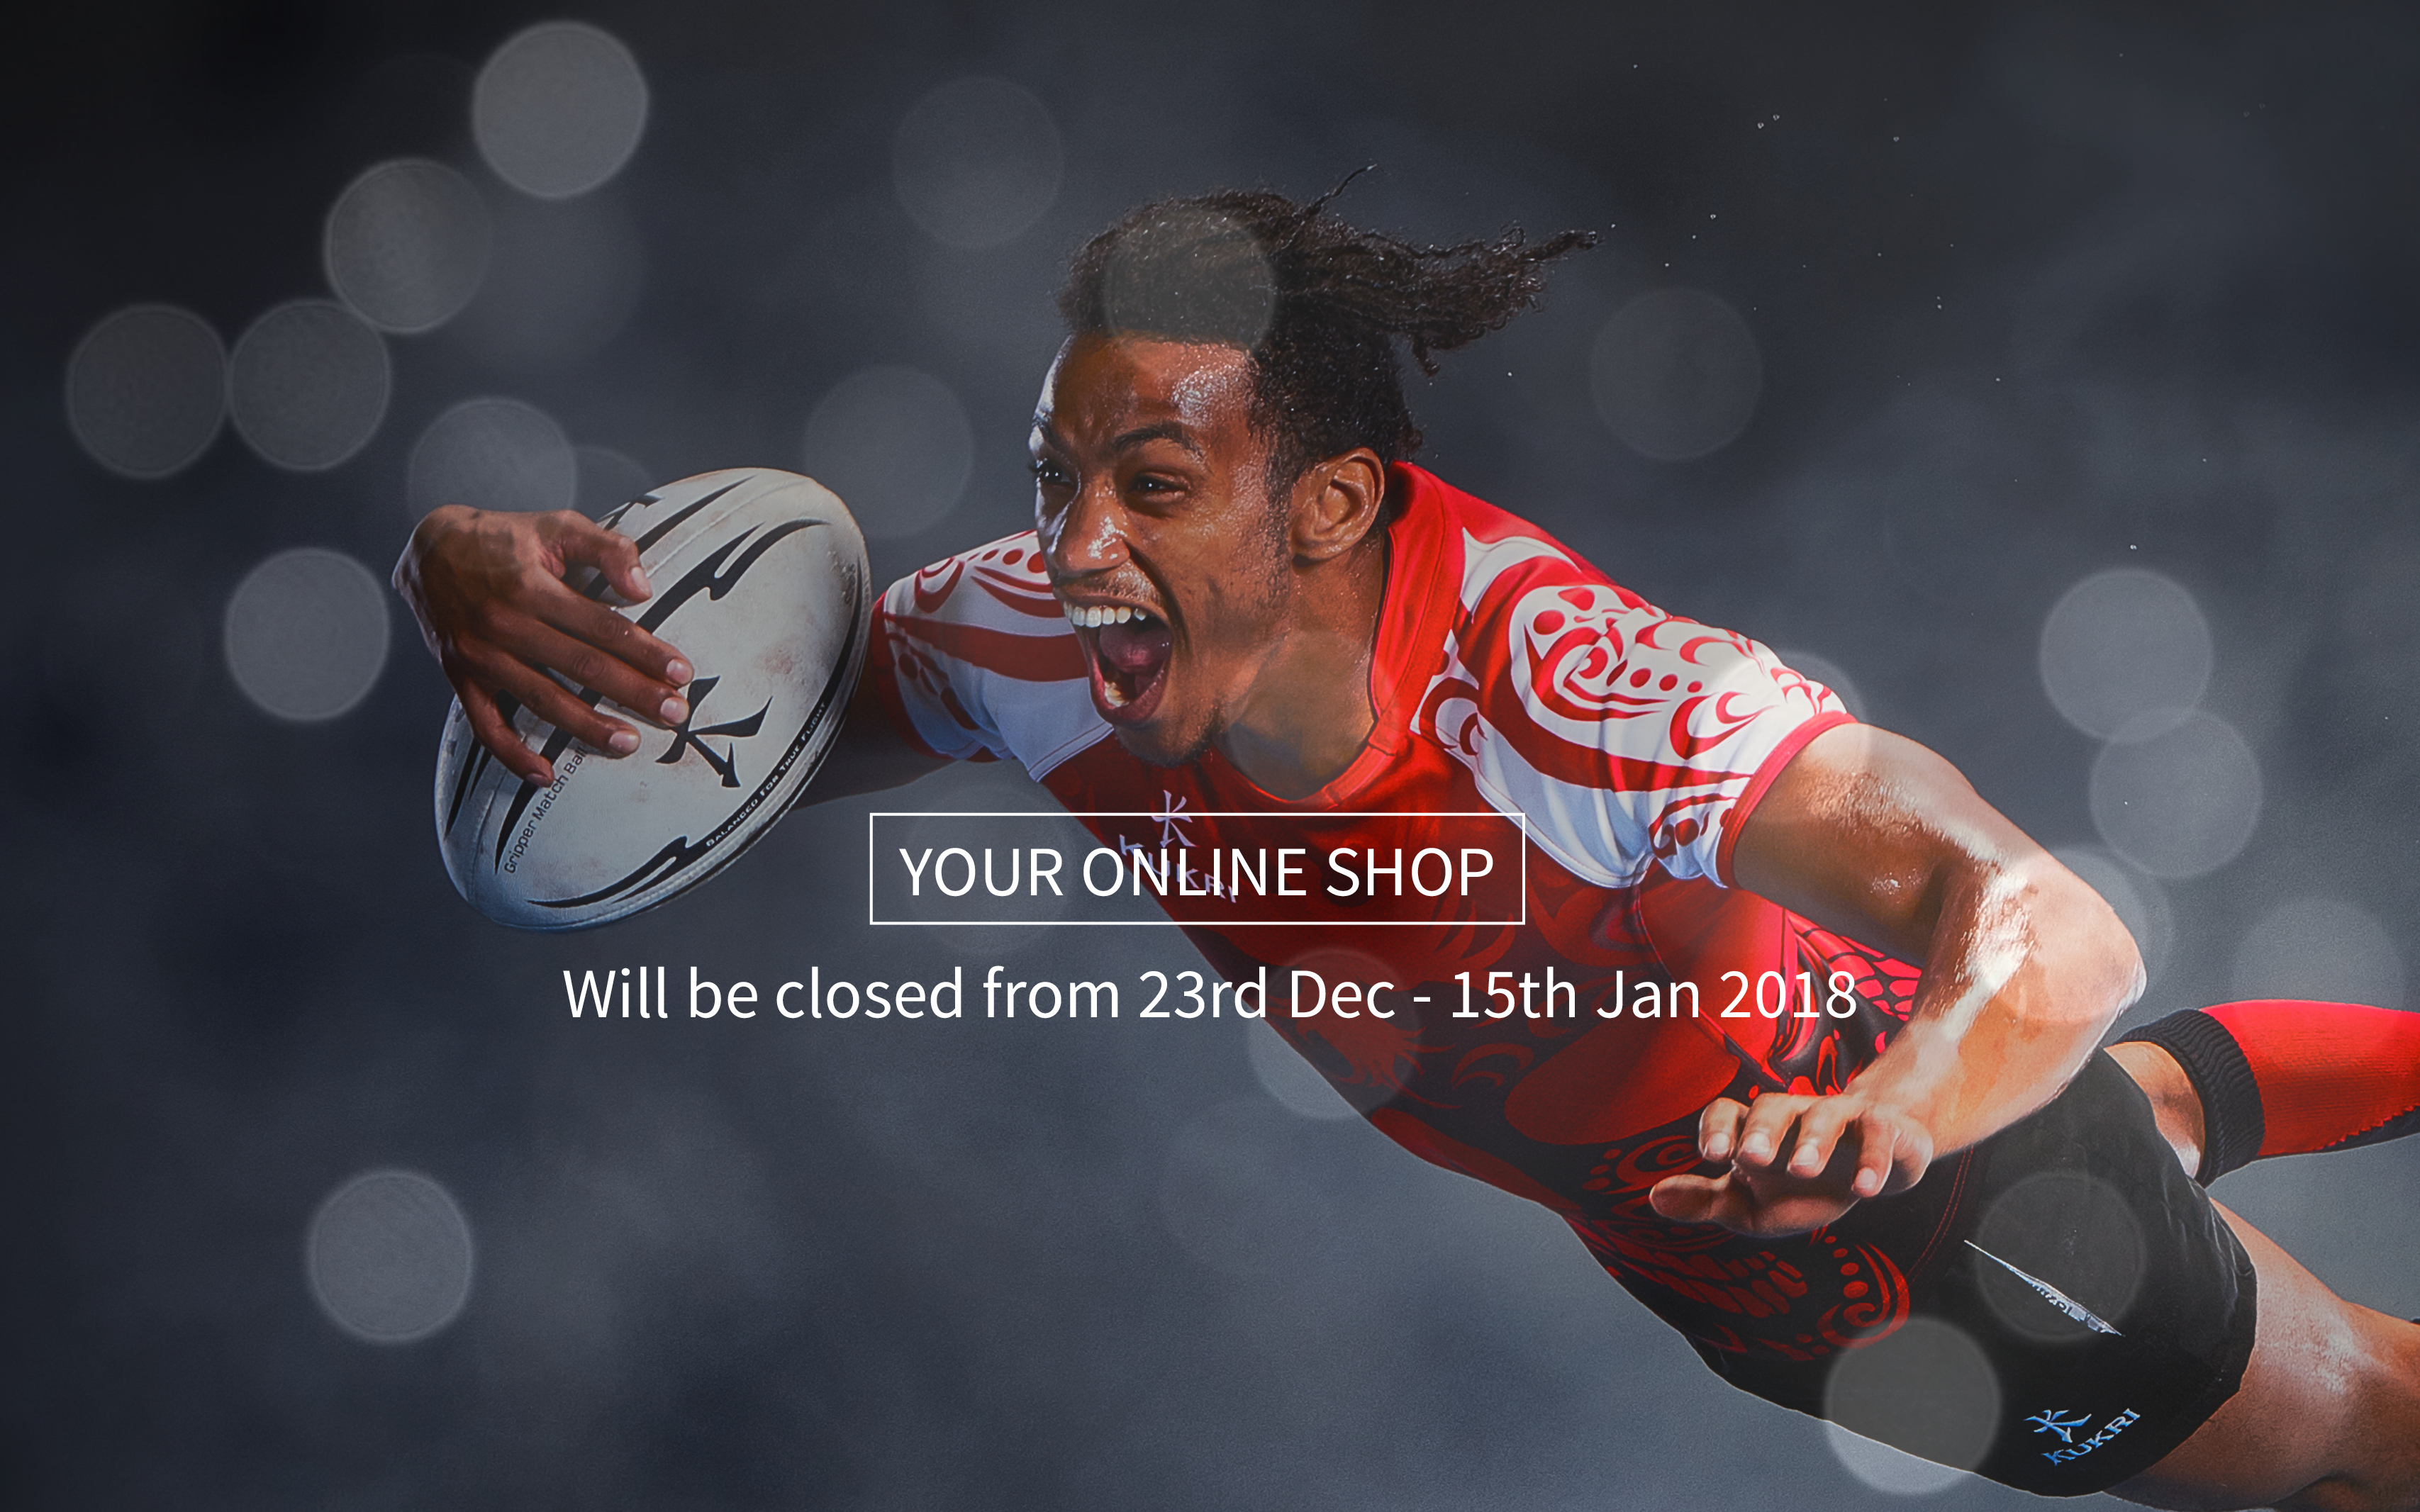 SL_KukriGB_Sports_Rugby